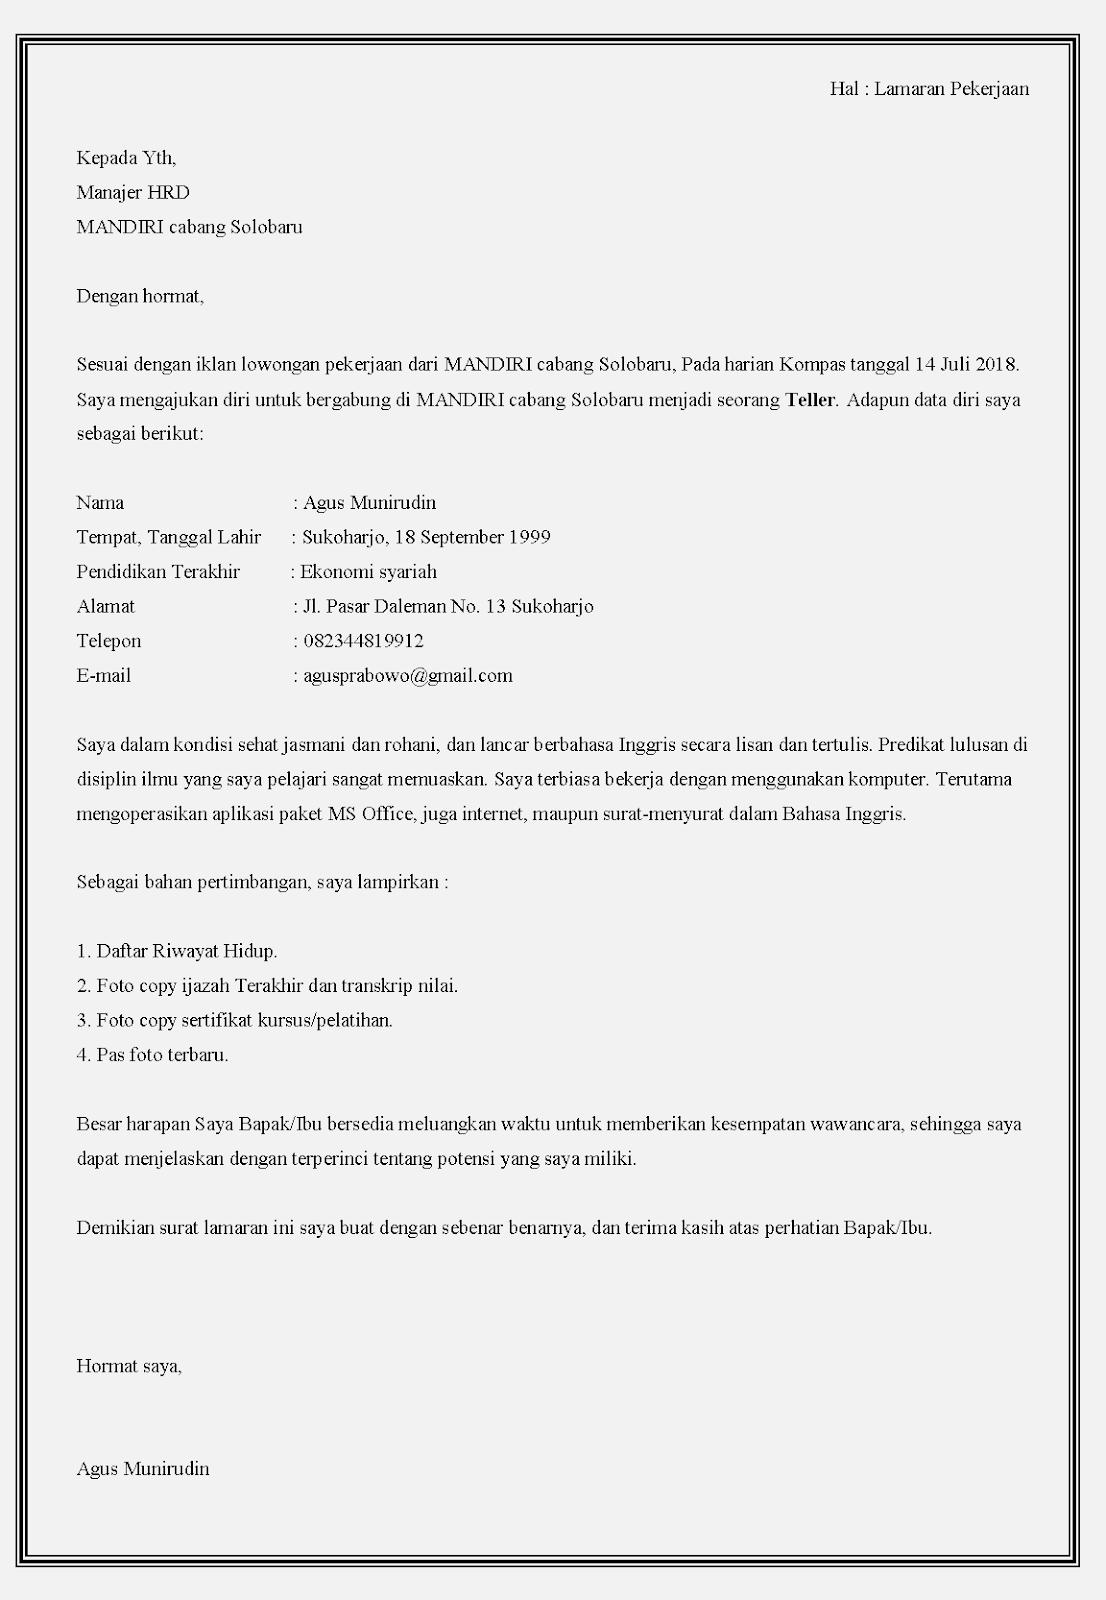 Contoh surat lamaran kerja di bank Mandiri sebagai teller